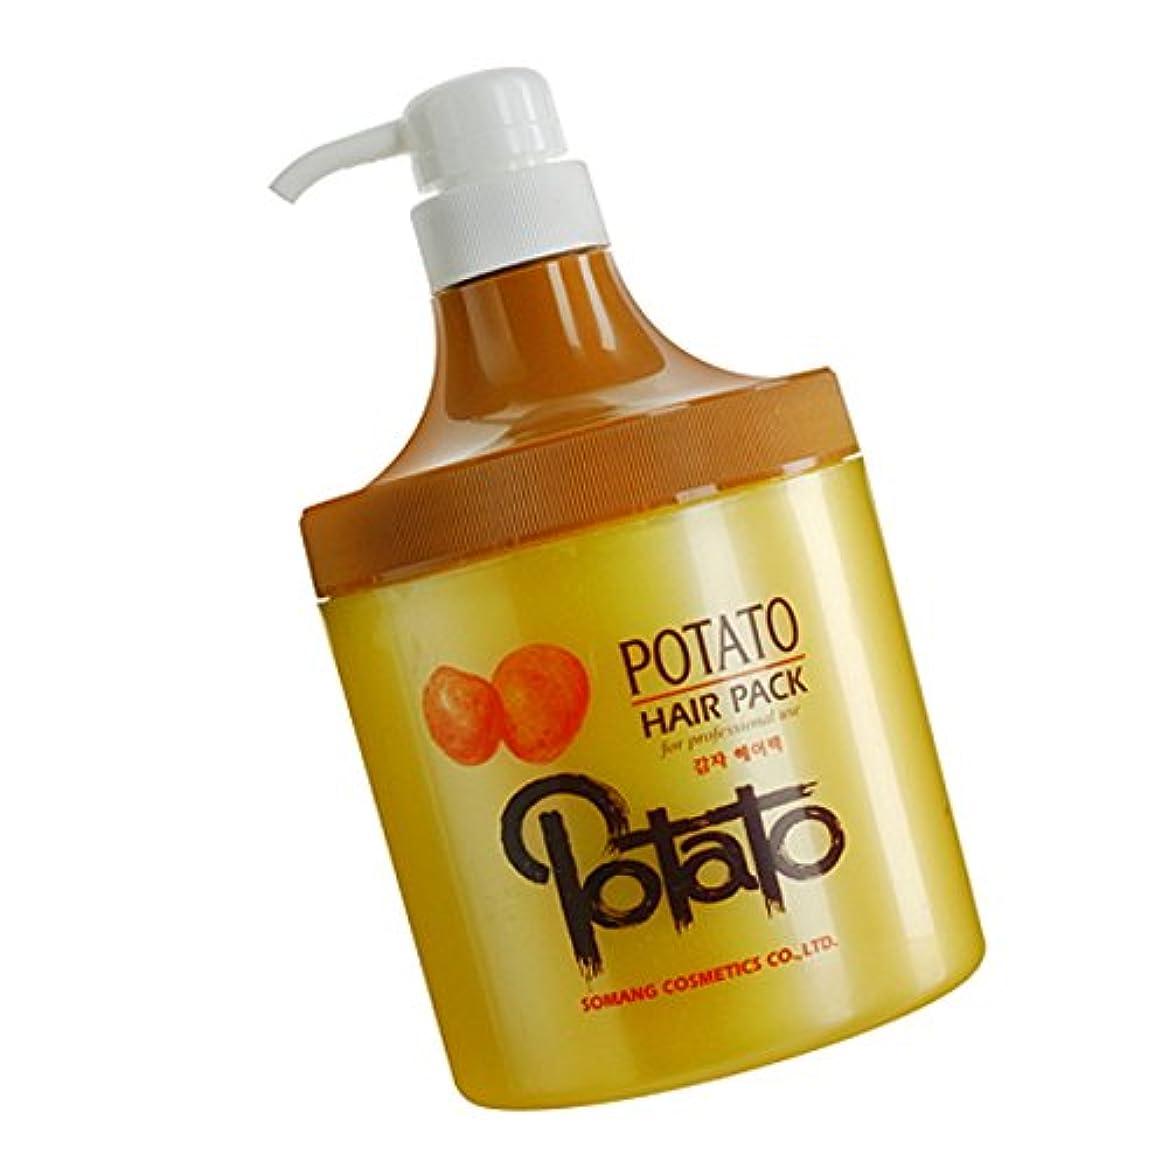 ビール製造業素晴らしさ【韓国コスメ】[Somang/希望]Somang Potato Hair Pack 800ml/ポテト(ジャガッイモ)ヘアパク(海外直送品)